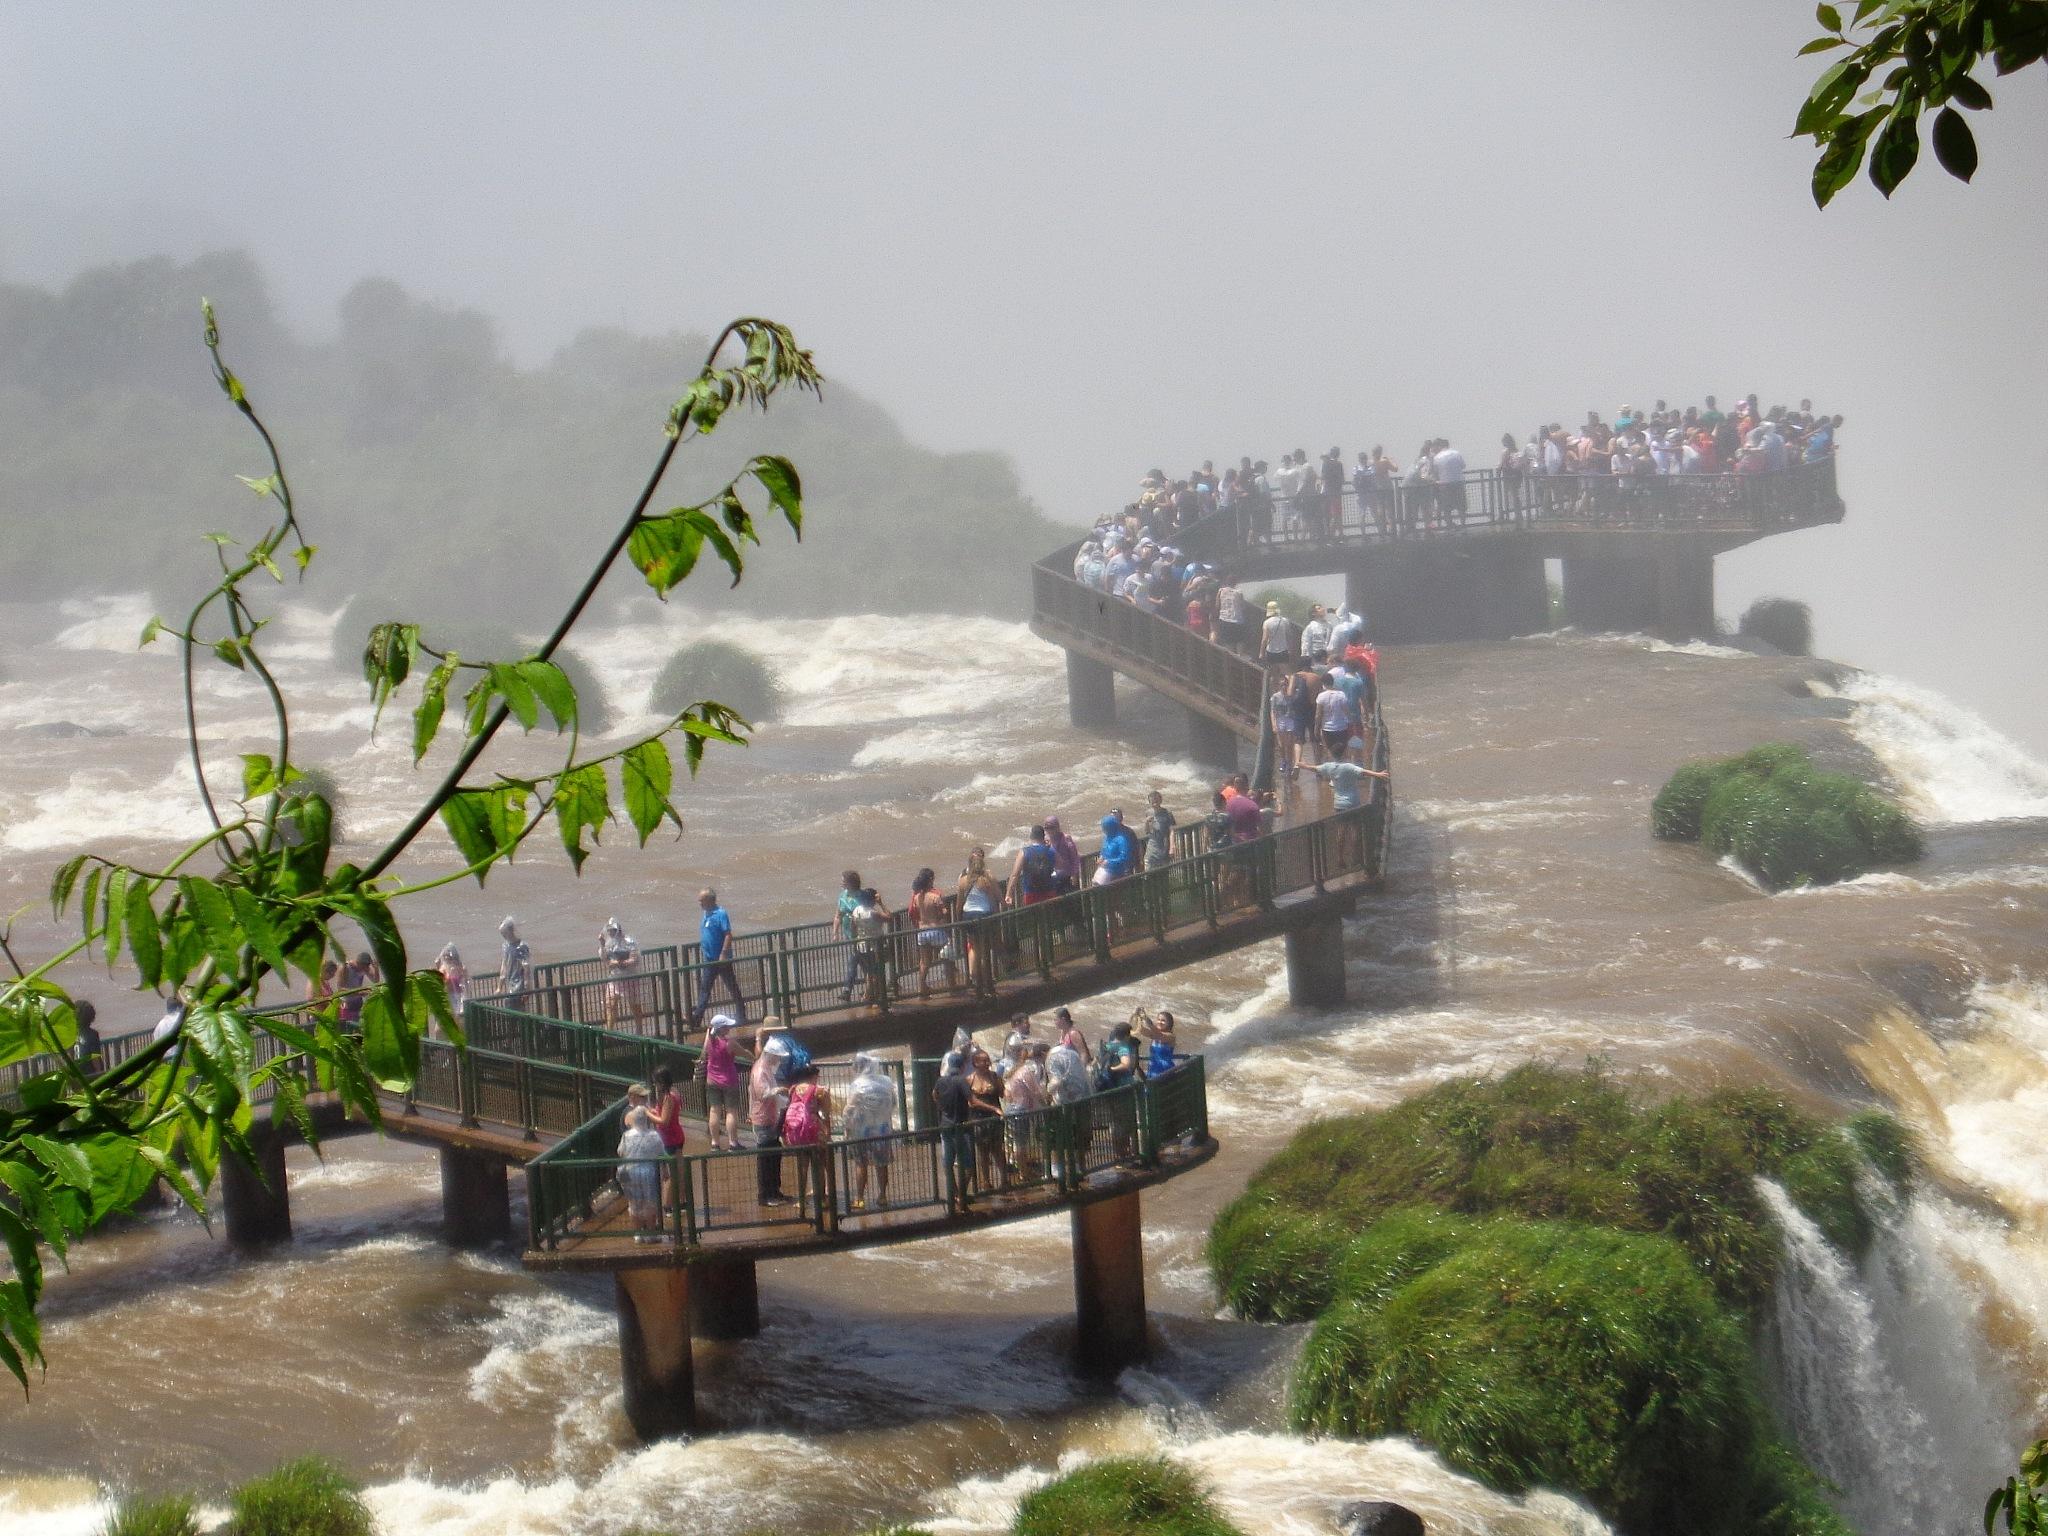 Cataratas Do Iguaçu | waterfalls Of Iguaçu by Reginaldo Levinski Da Silva